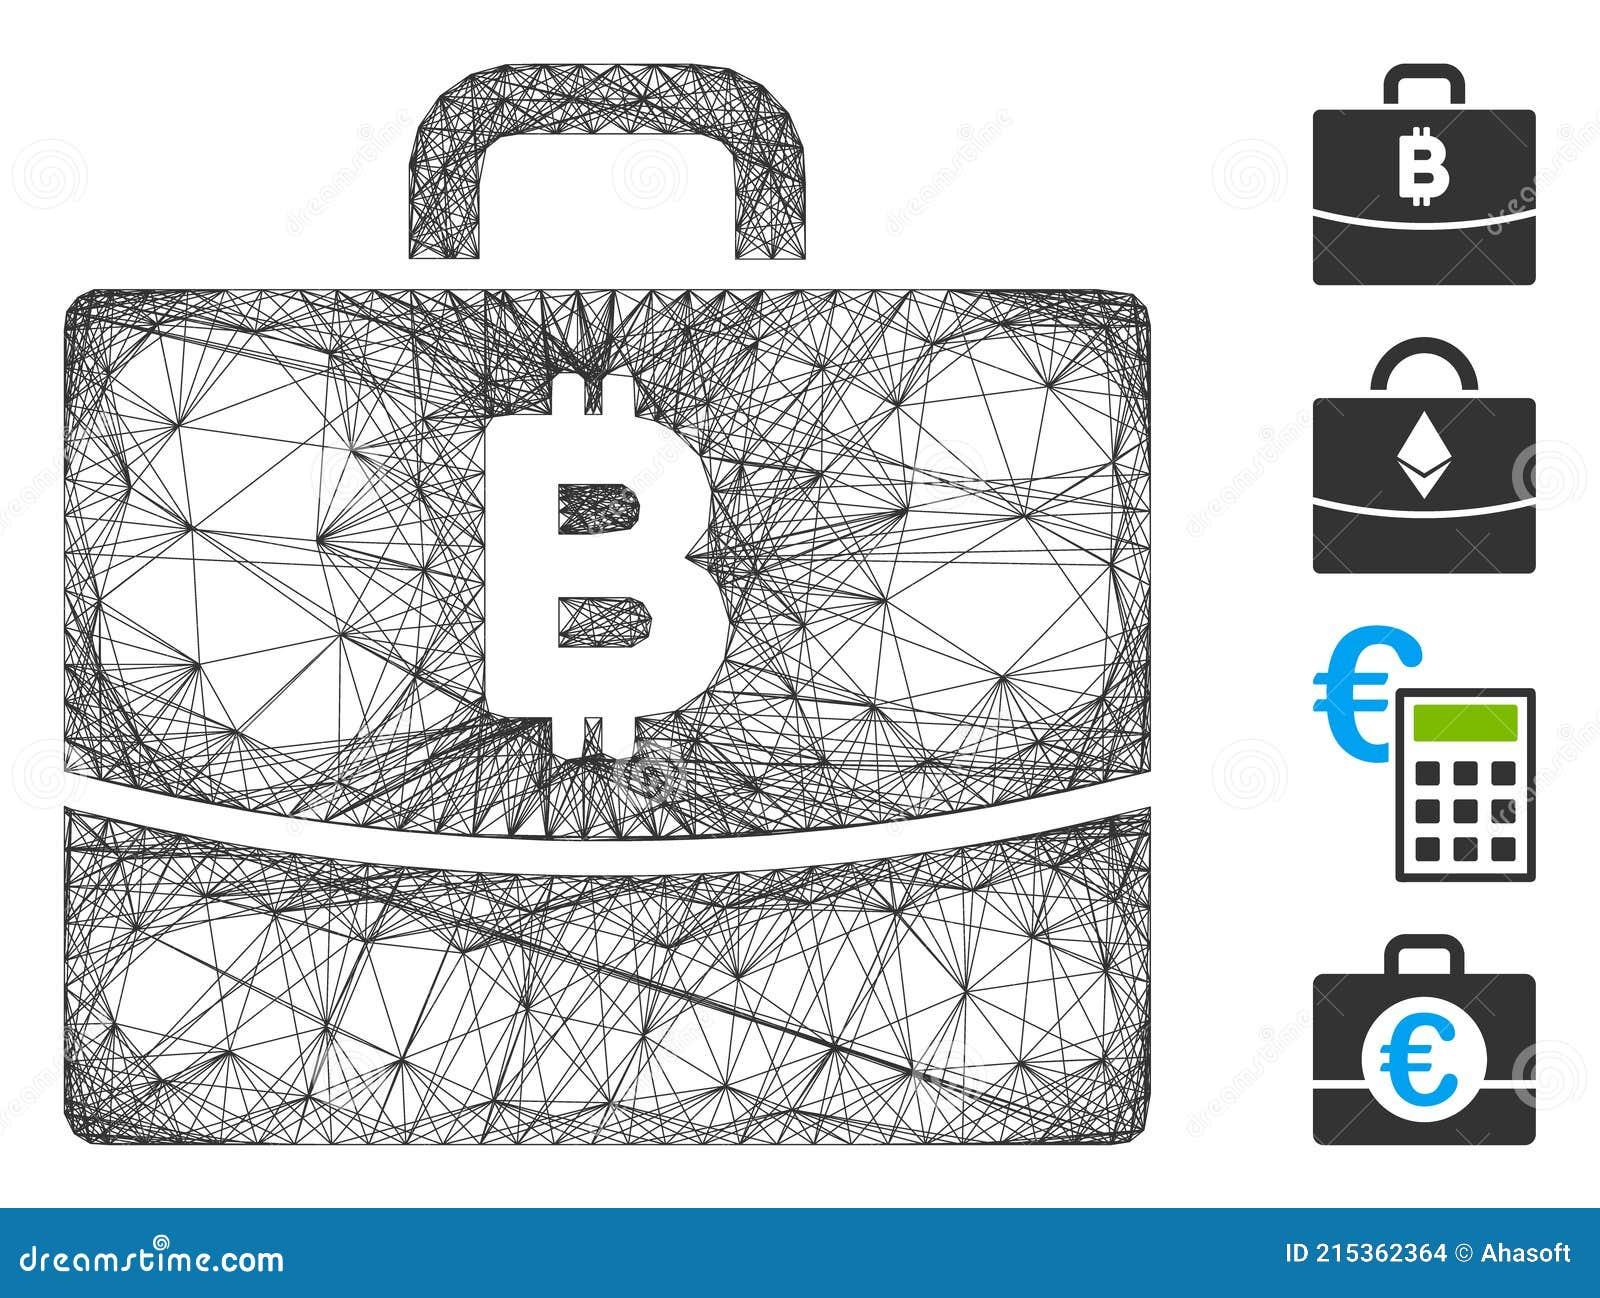 Cosa sono i Bitcoin e le Criptovalute in pratica: definizione e sintesi per i non addetti ai lavori